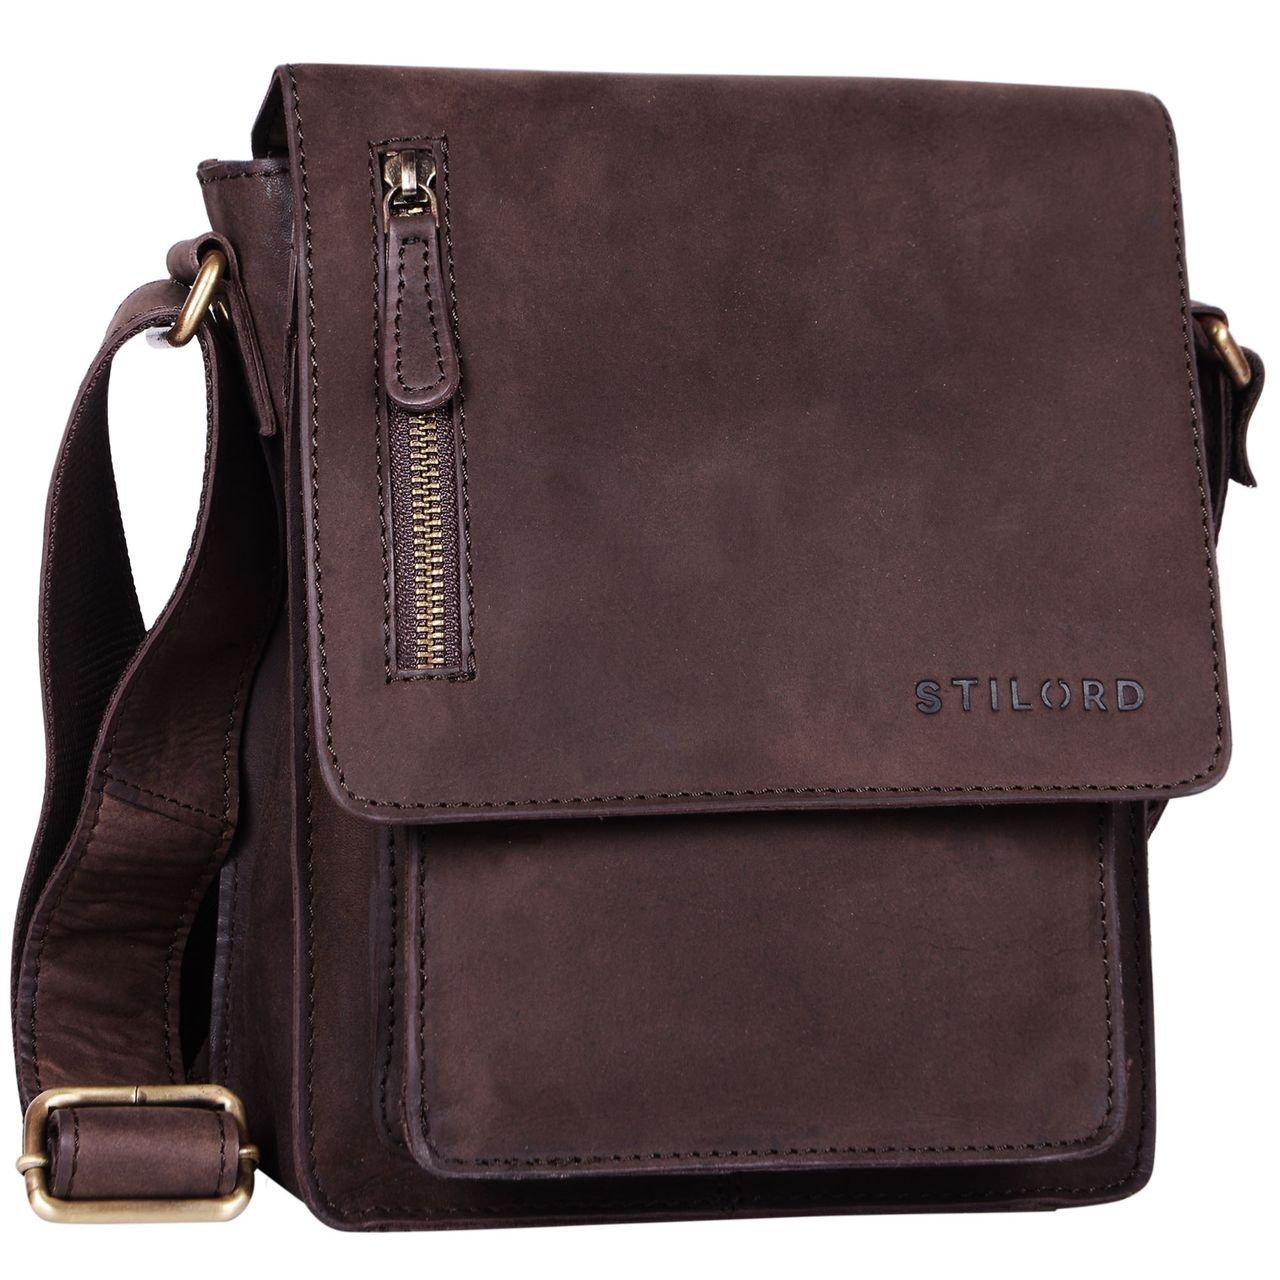 STILORD 'Finn' Bolso mensajero mediano de piel vintage para mujeres y hombres Bolsa de hombro o bandolera para smartphone o Tablet de 8.4' auténtico cuero, Color chocolate - marrón